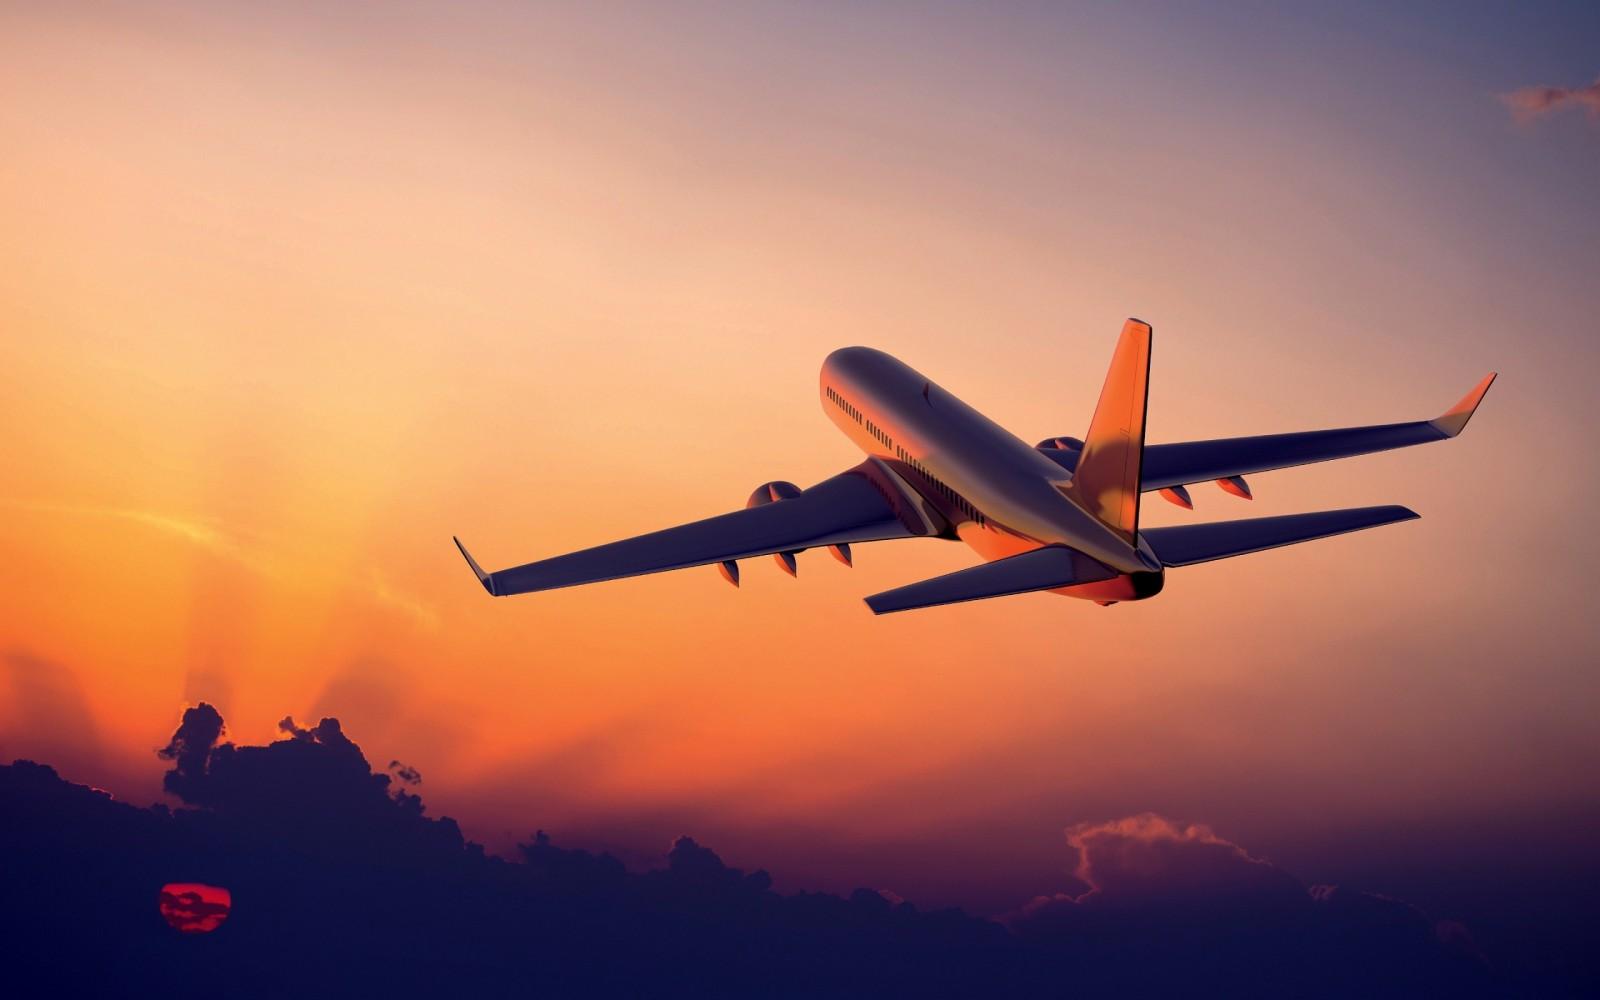 Недорогие цены на авиаперевозки в столичном аэропорте продлены до конца года